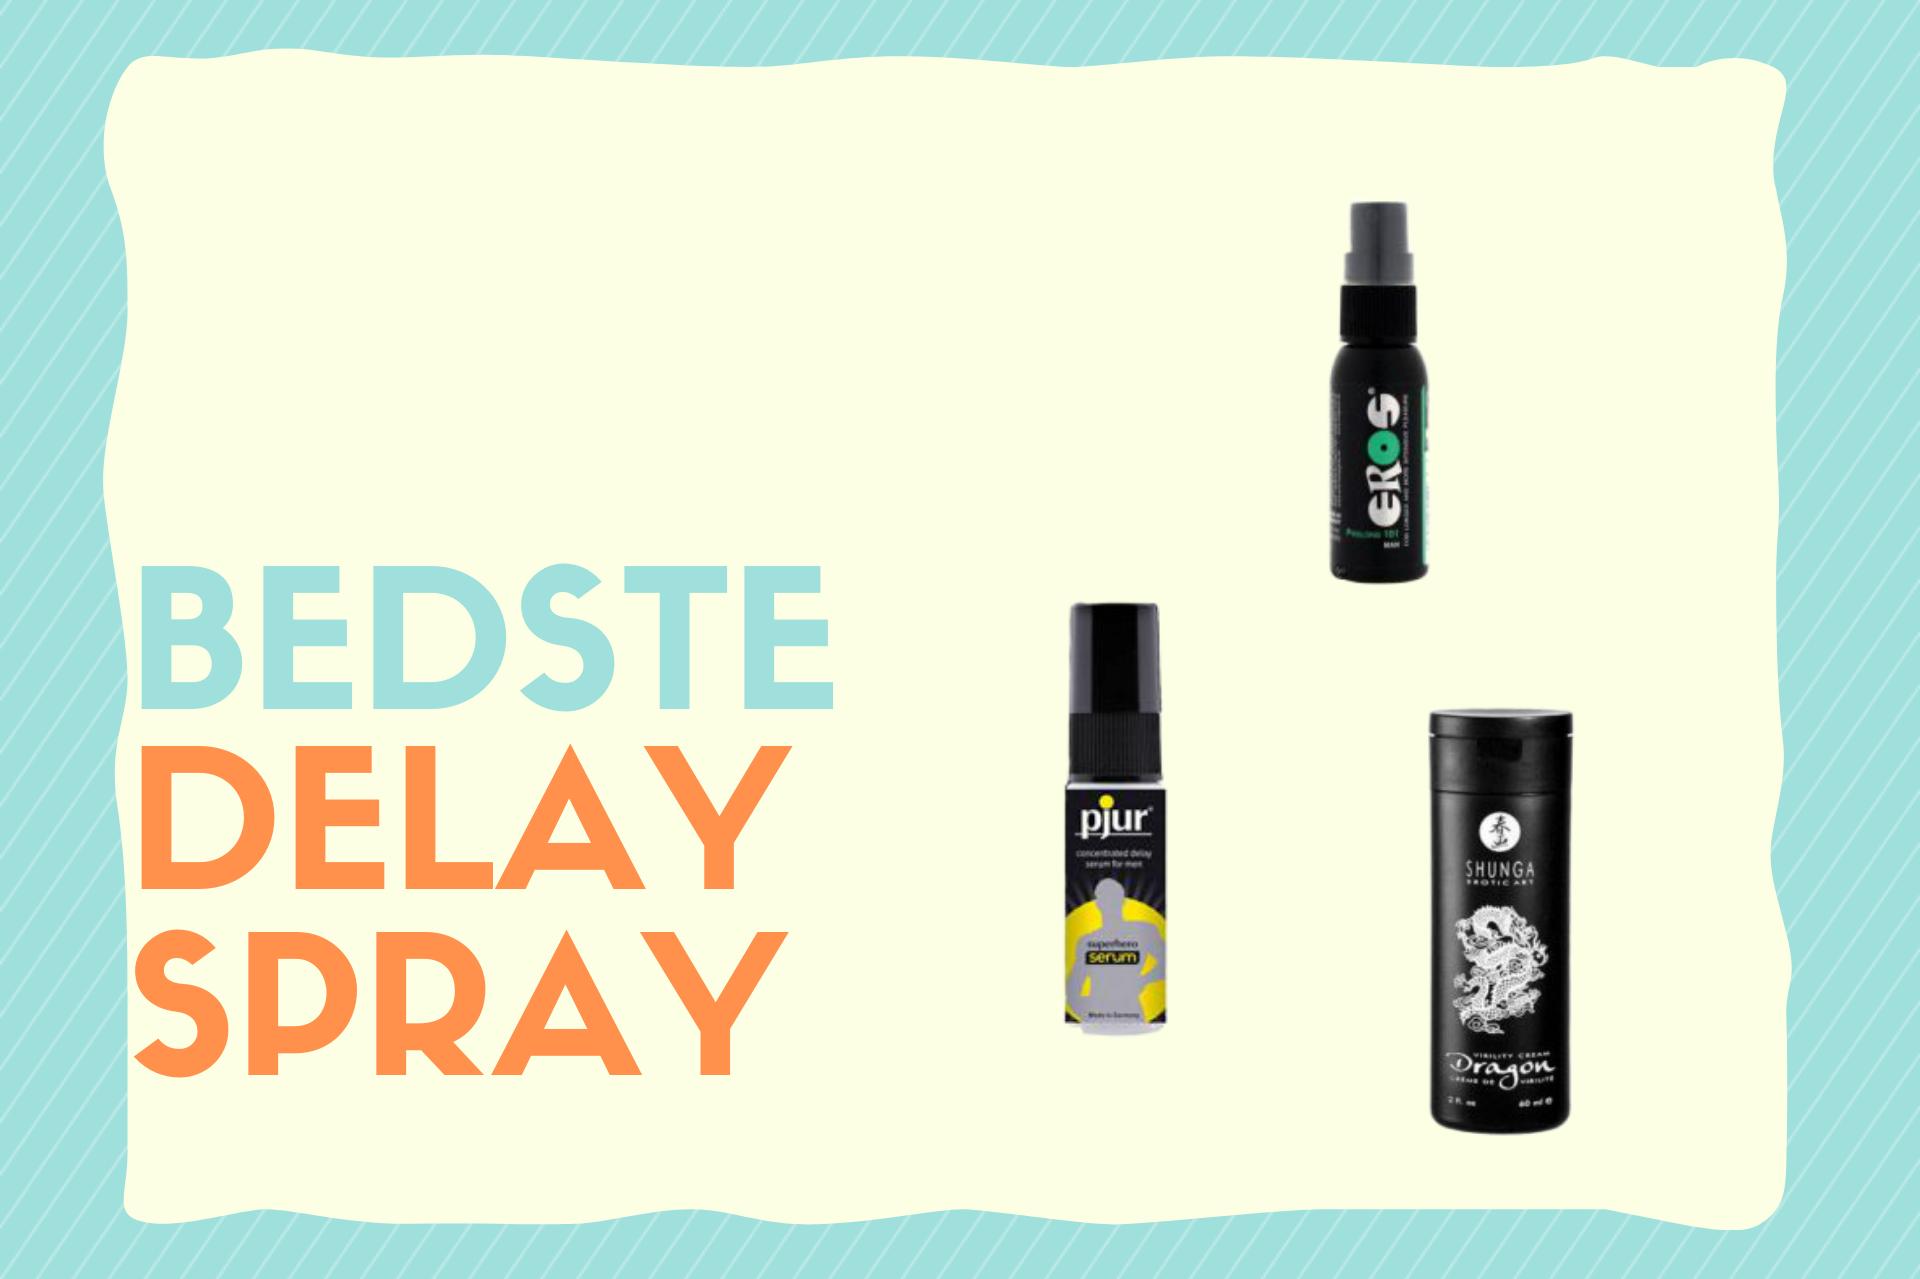 bedste delay spray